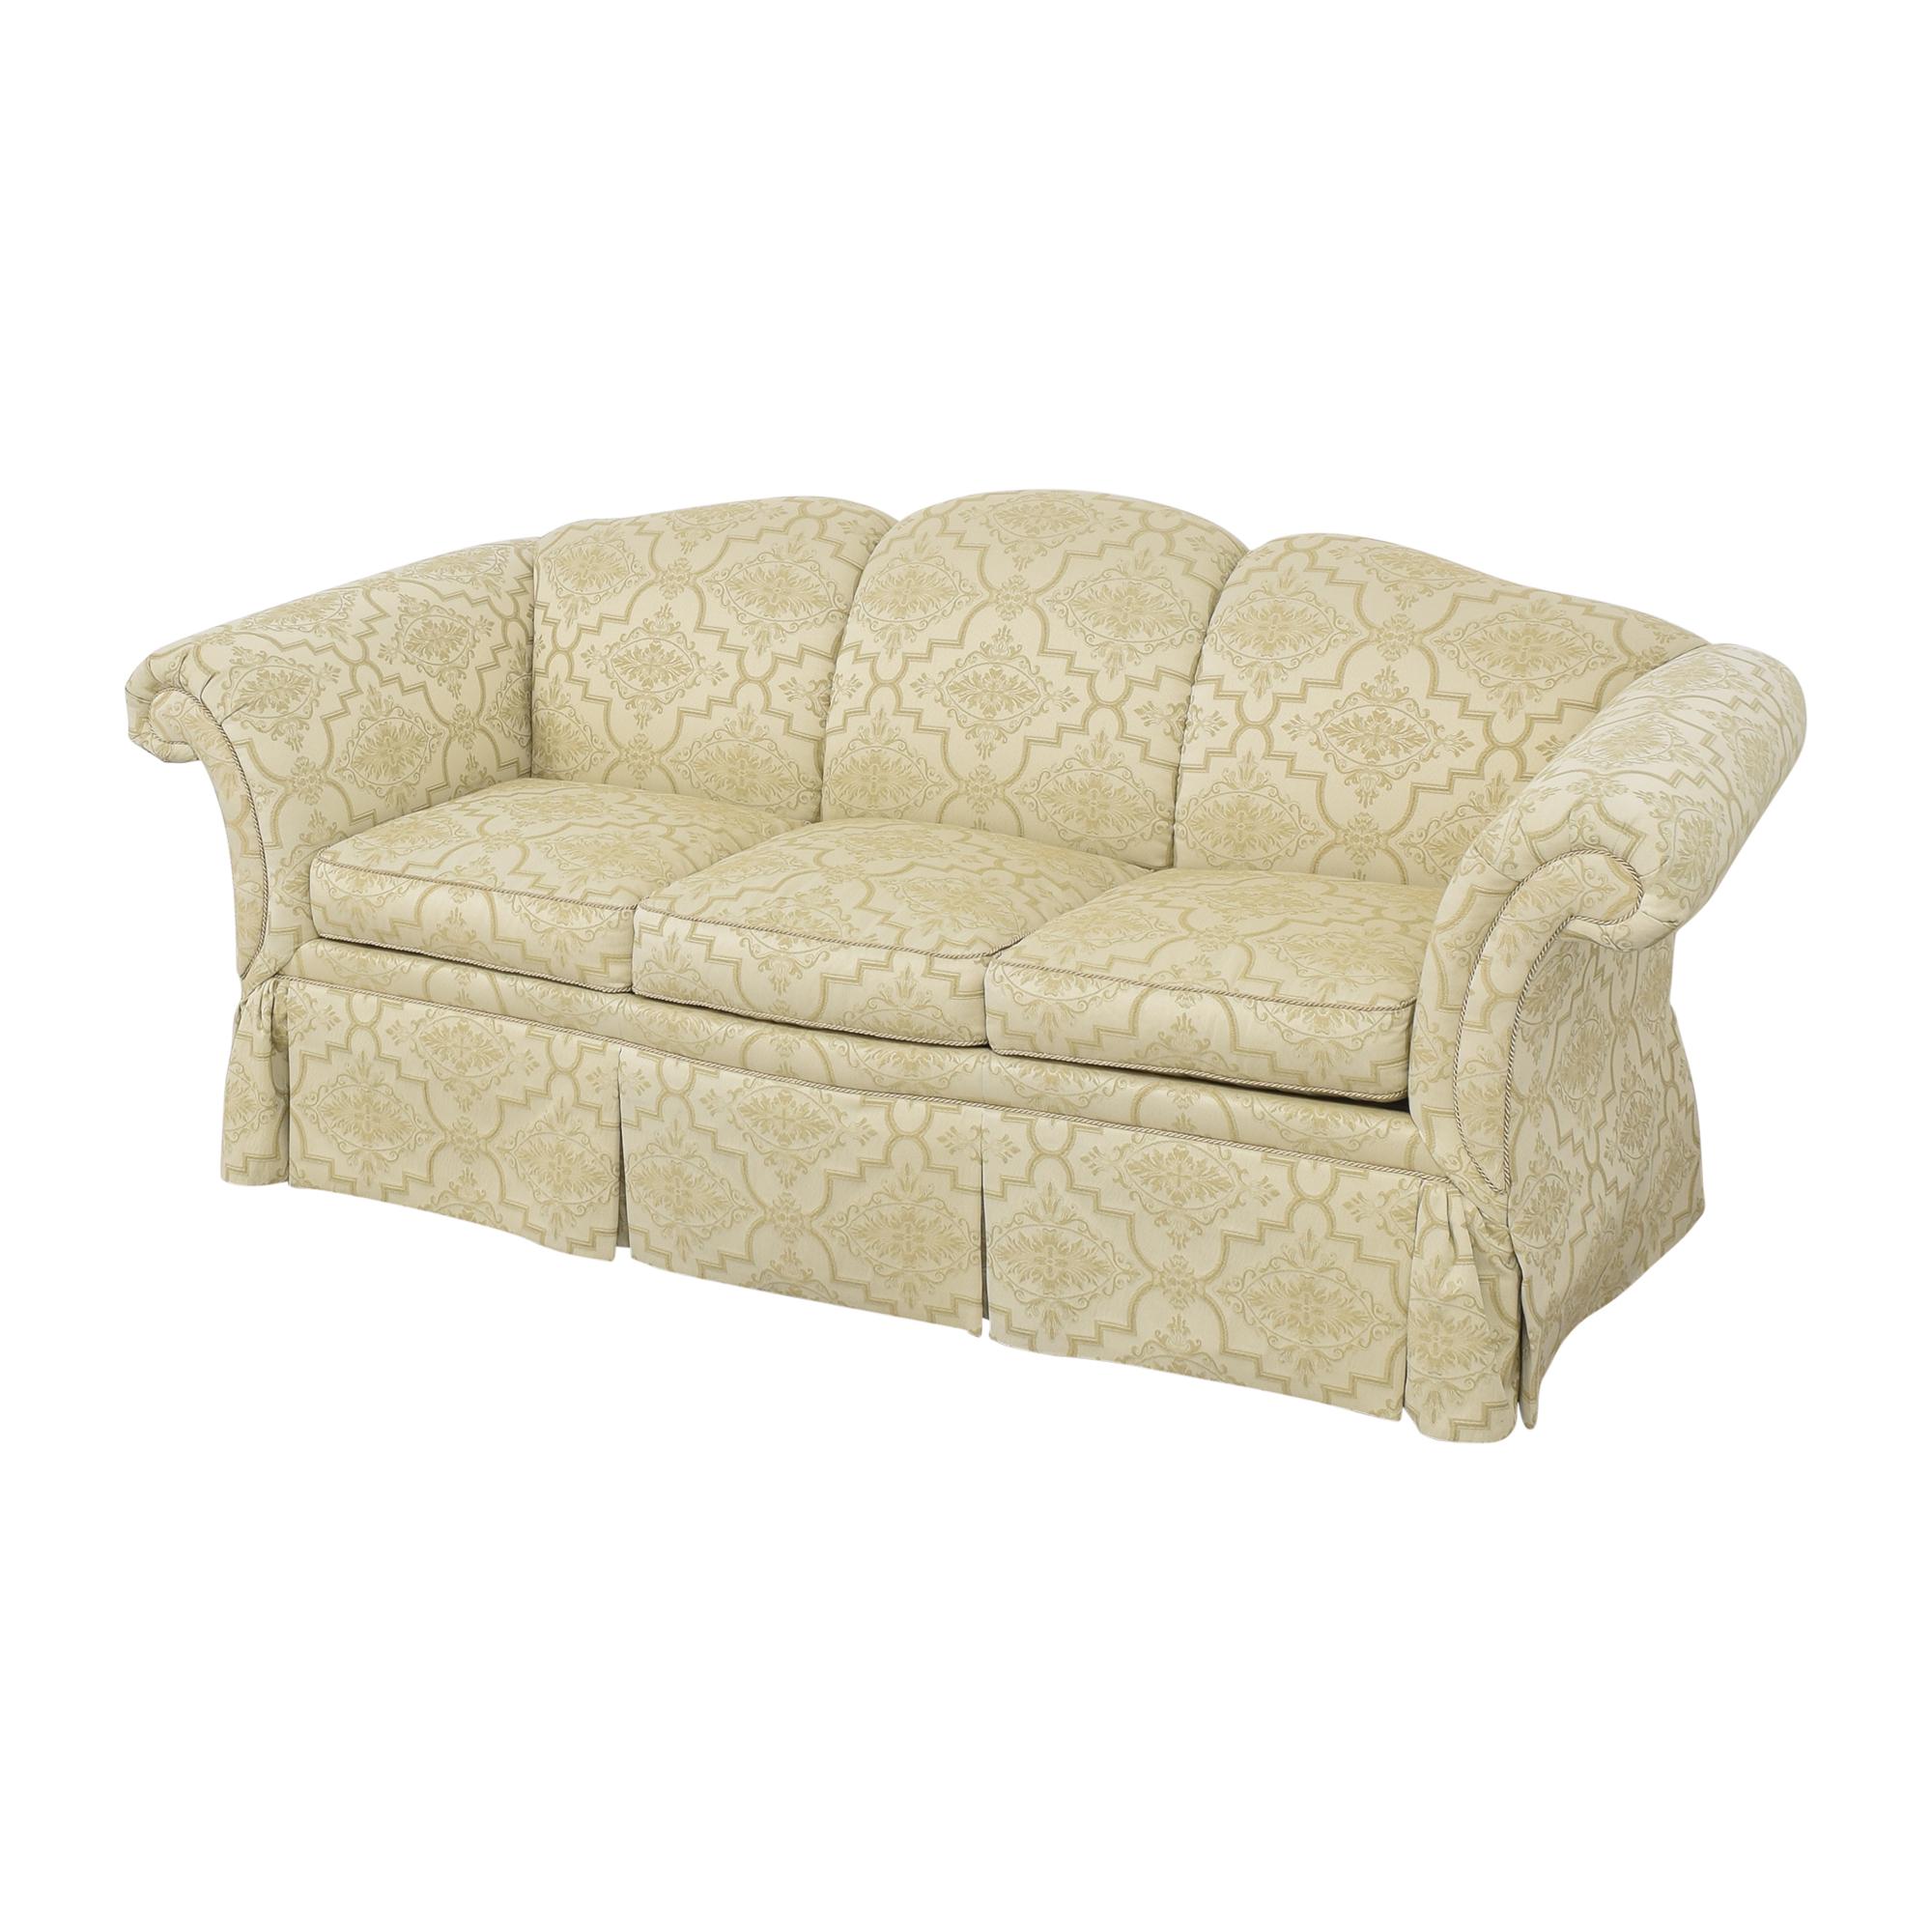 Charles Stewart Company Charles Stewart Company Camelback Sofa Classic Sofas